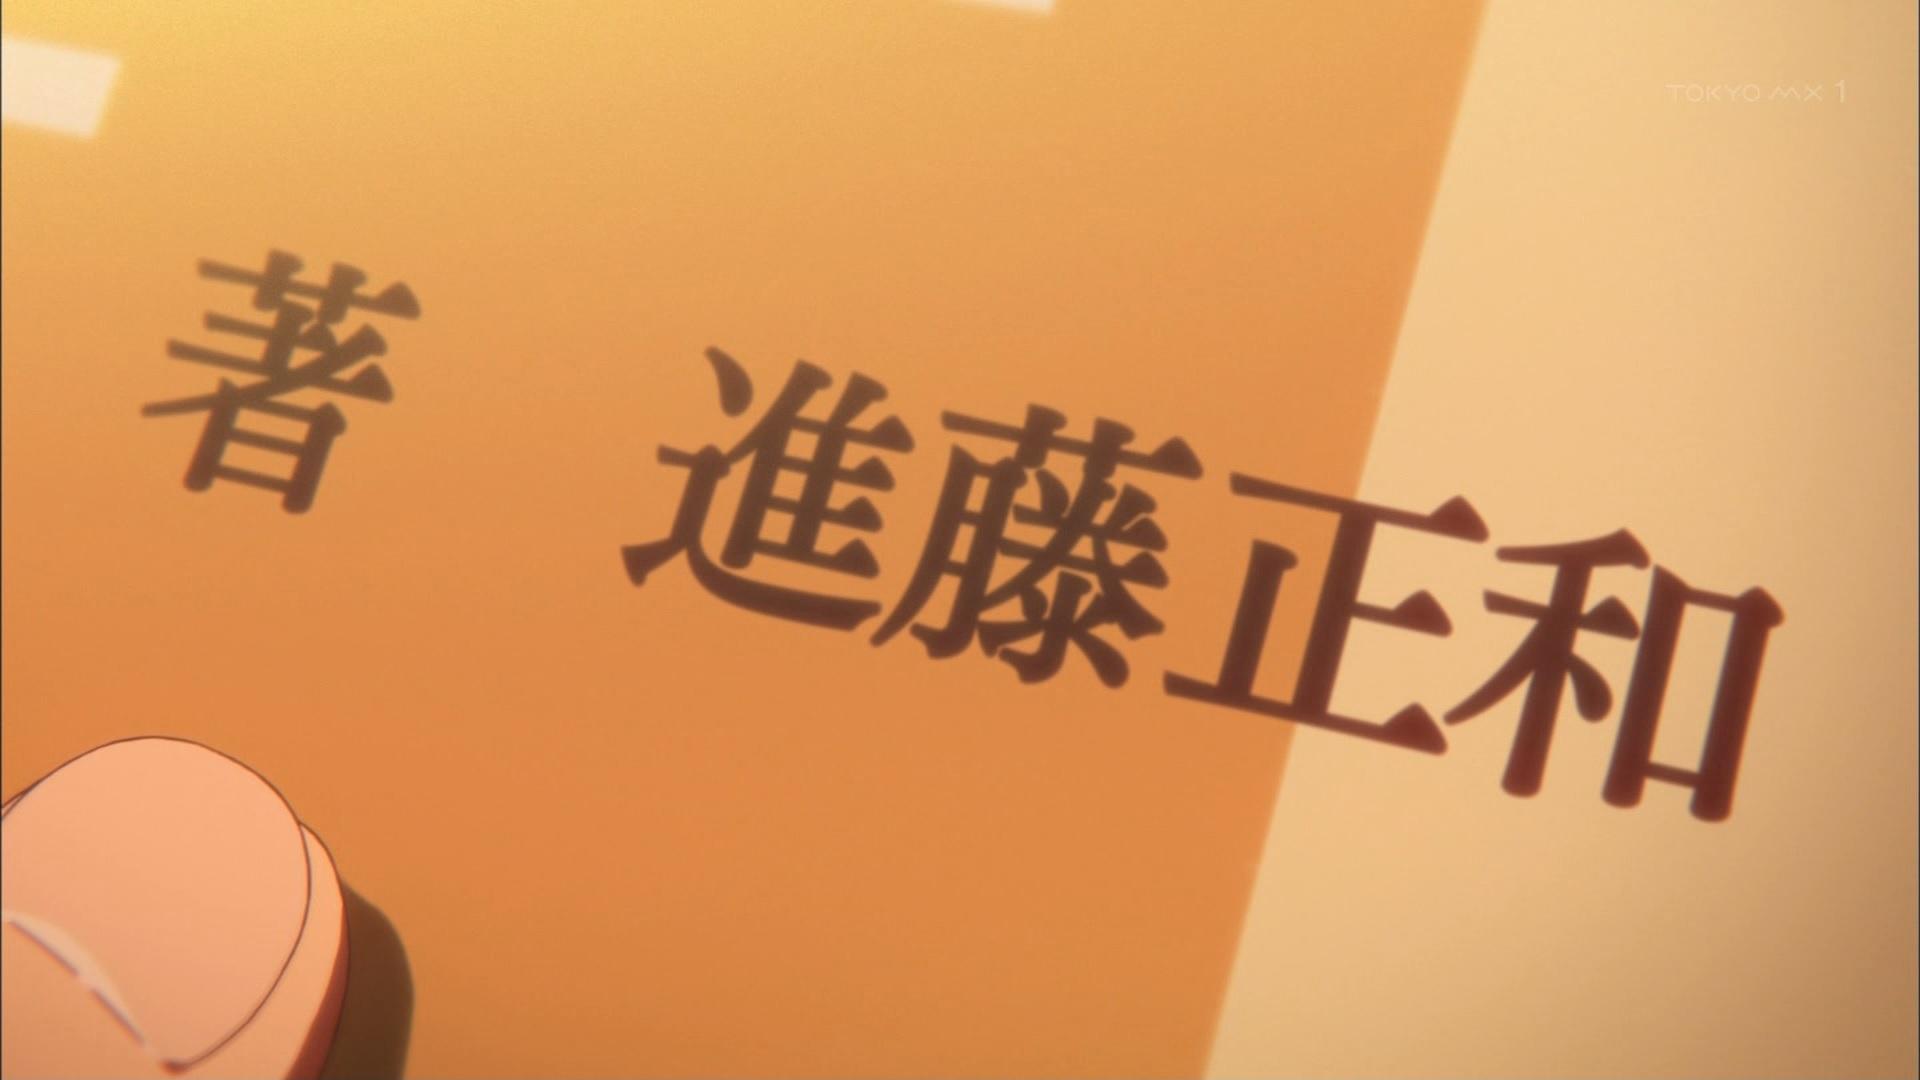 進藤正和(第9話画像)